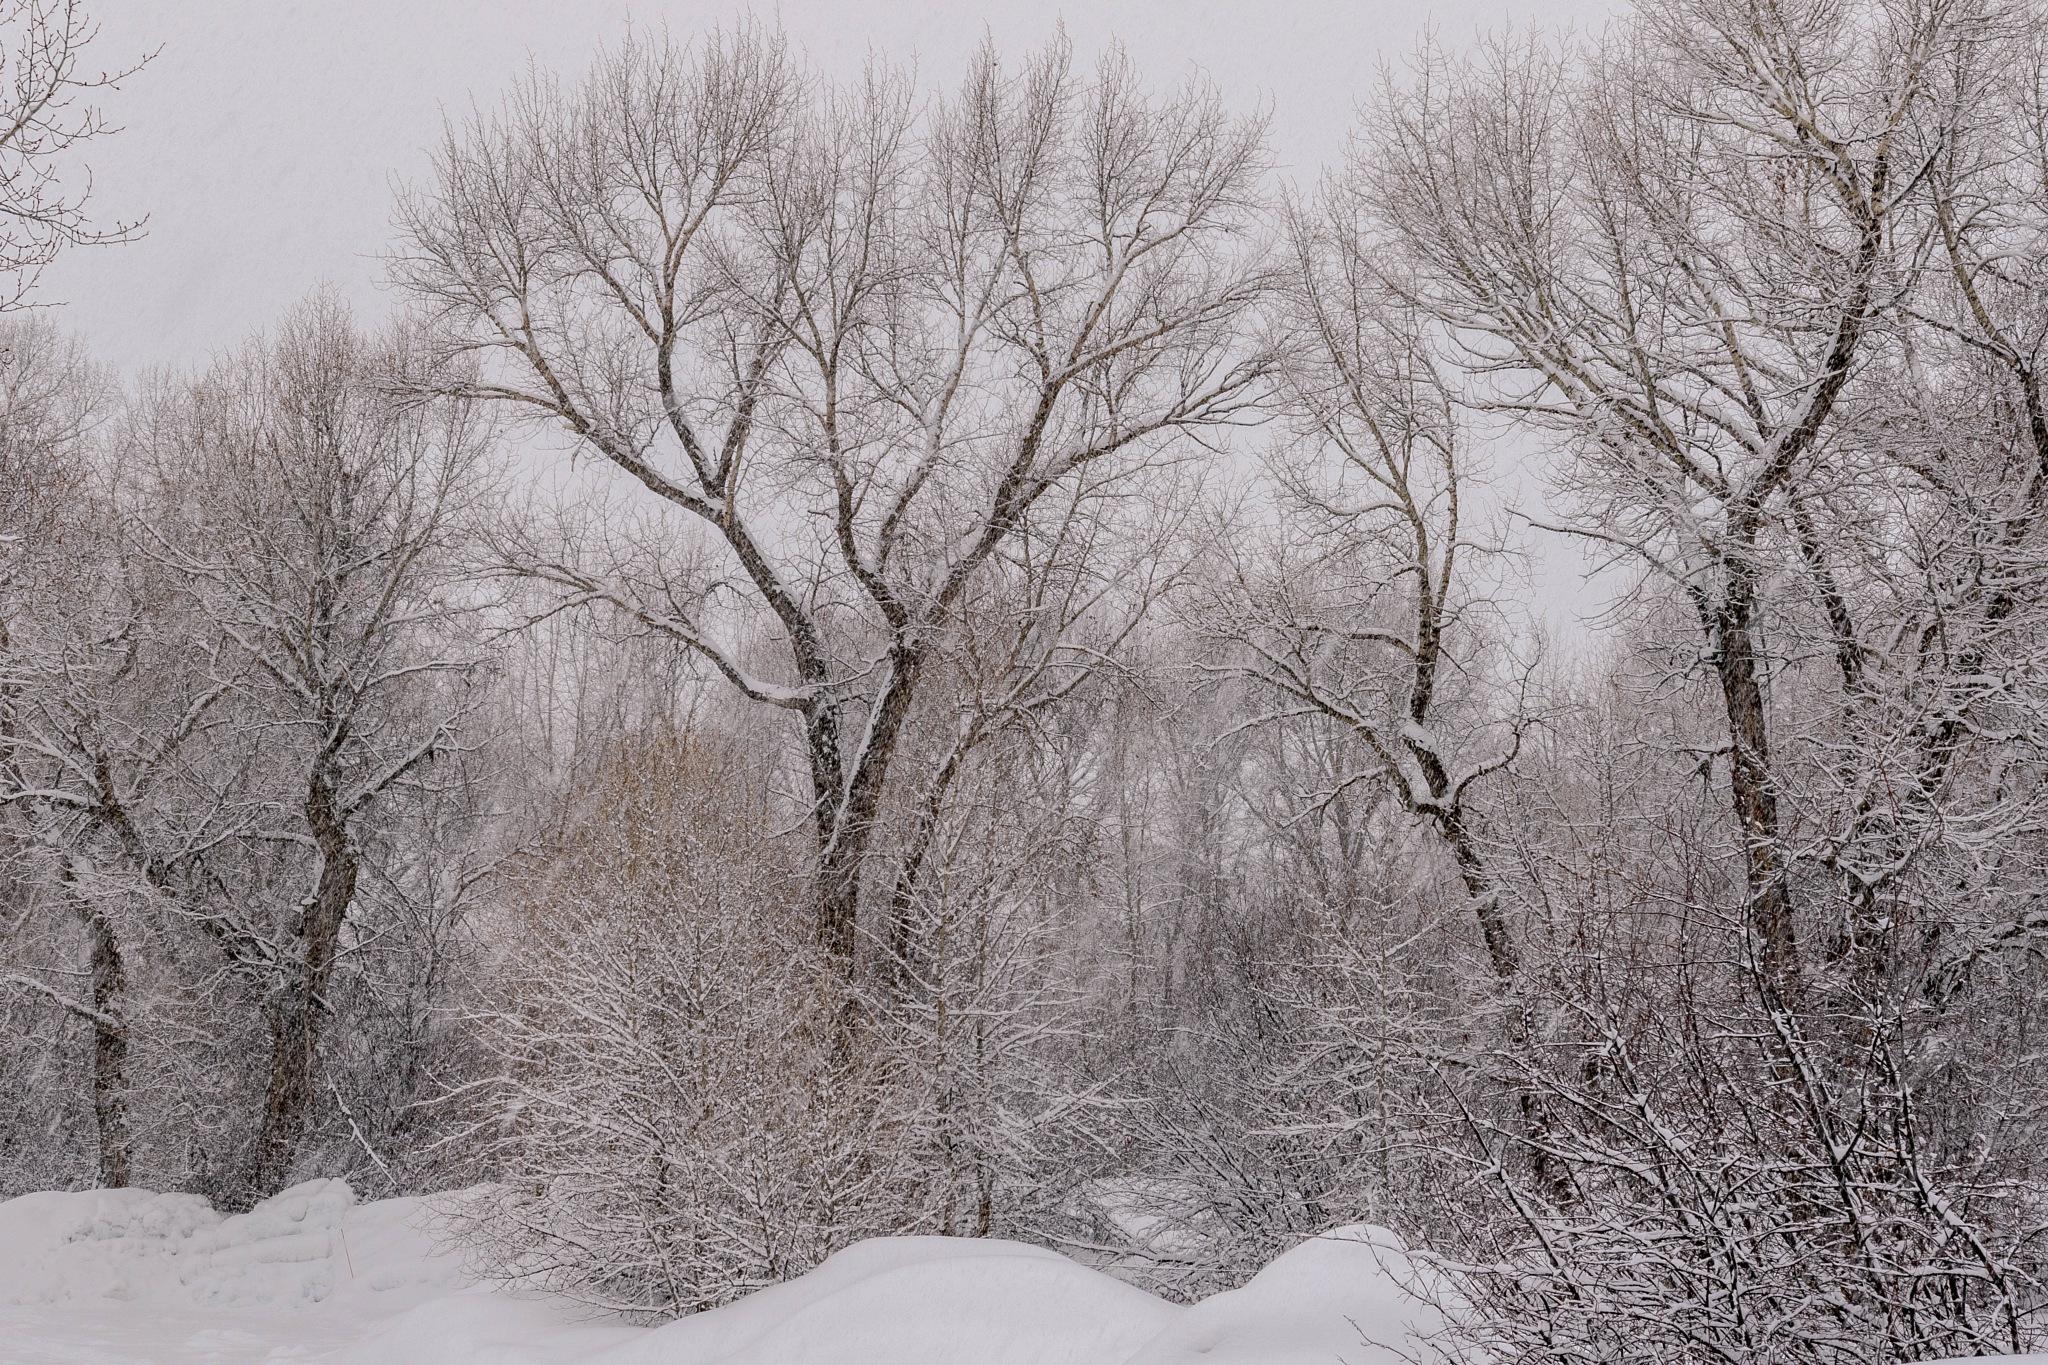 Snowy Poplar Forest by drchad480